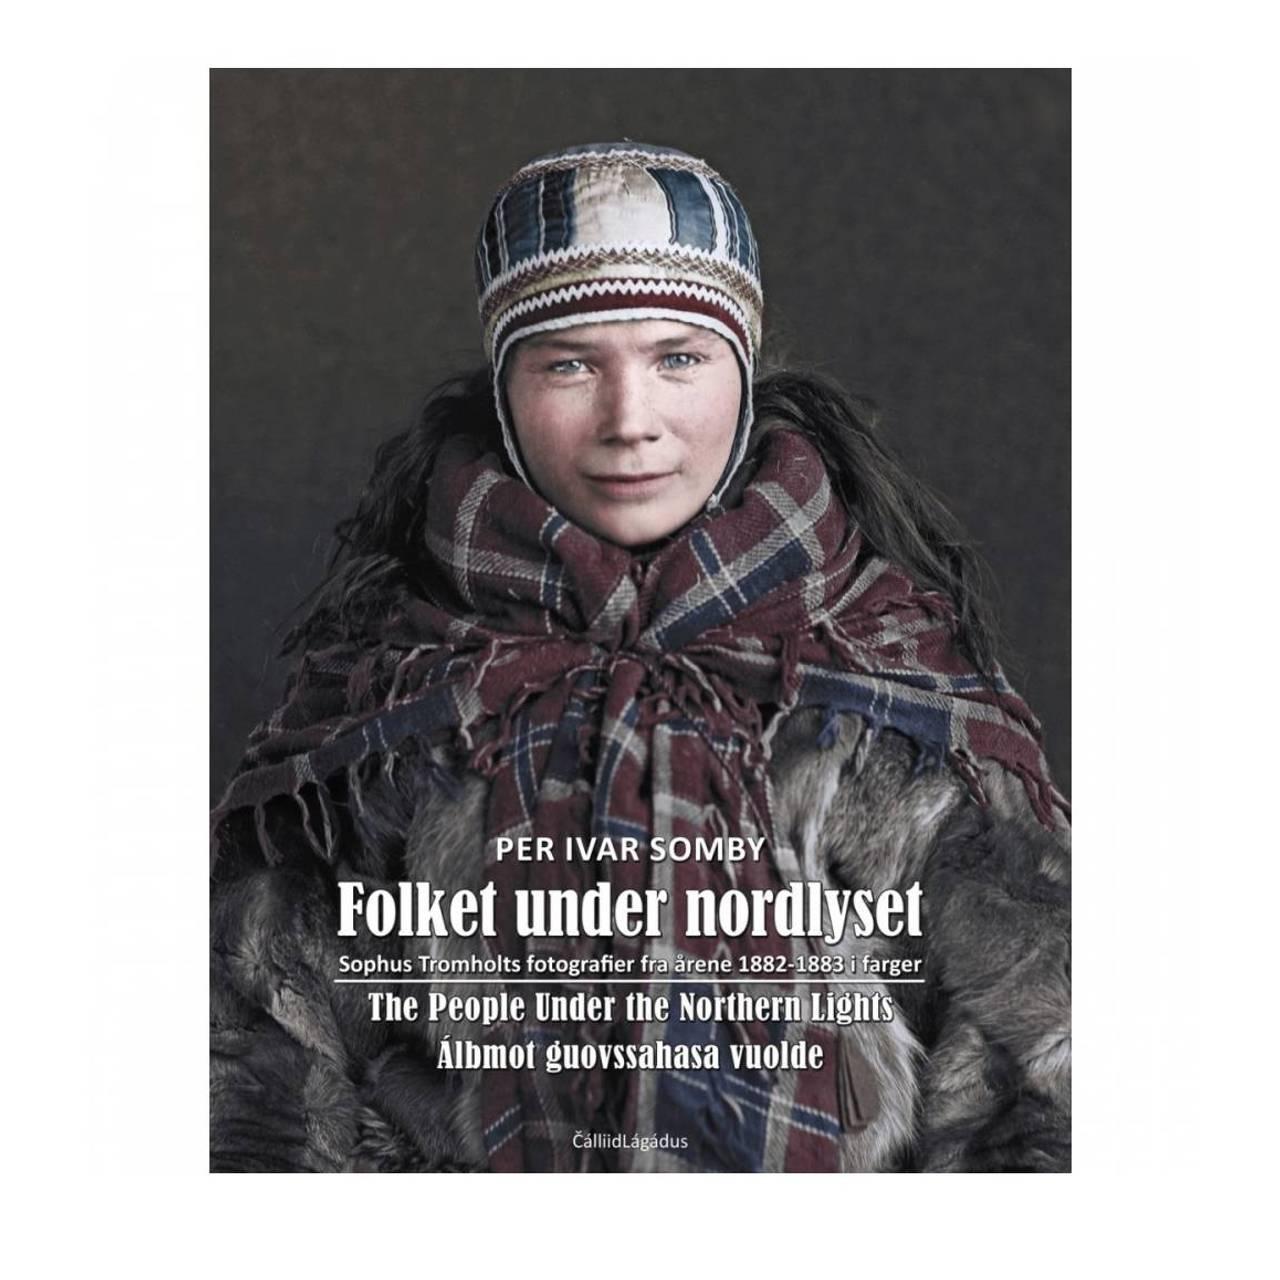 Bokomslag «Folket under nordlyset»/«Álbmot guovssahasa vuolde» av Per Ivar Somby om den danske forskeren Sophus Tromholts fotoprosjekt